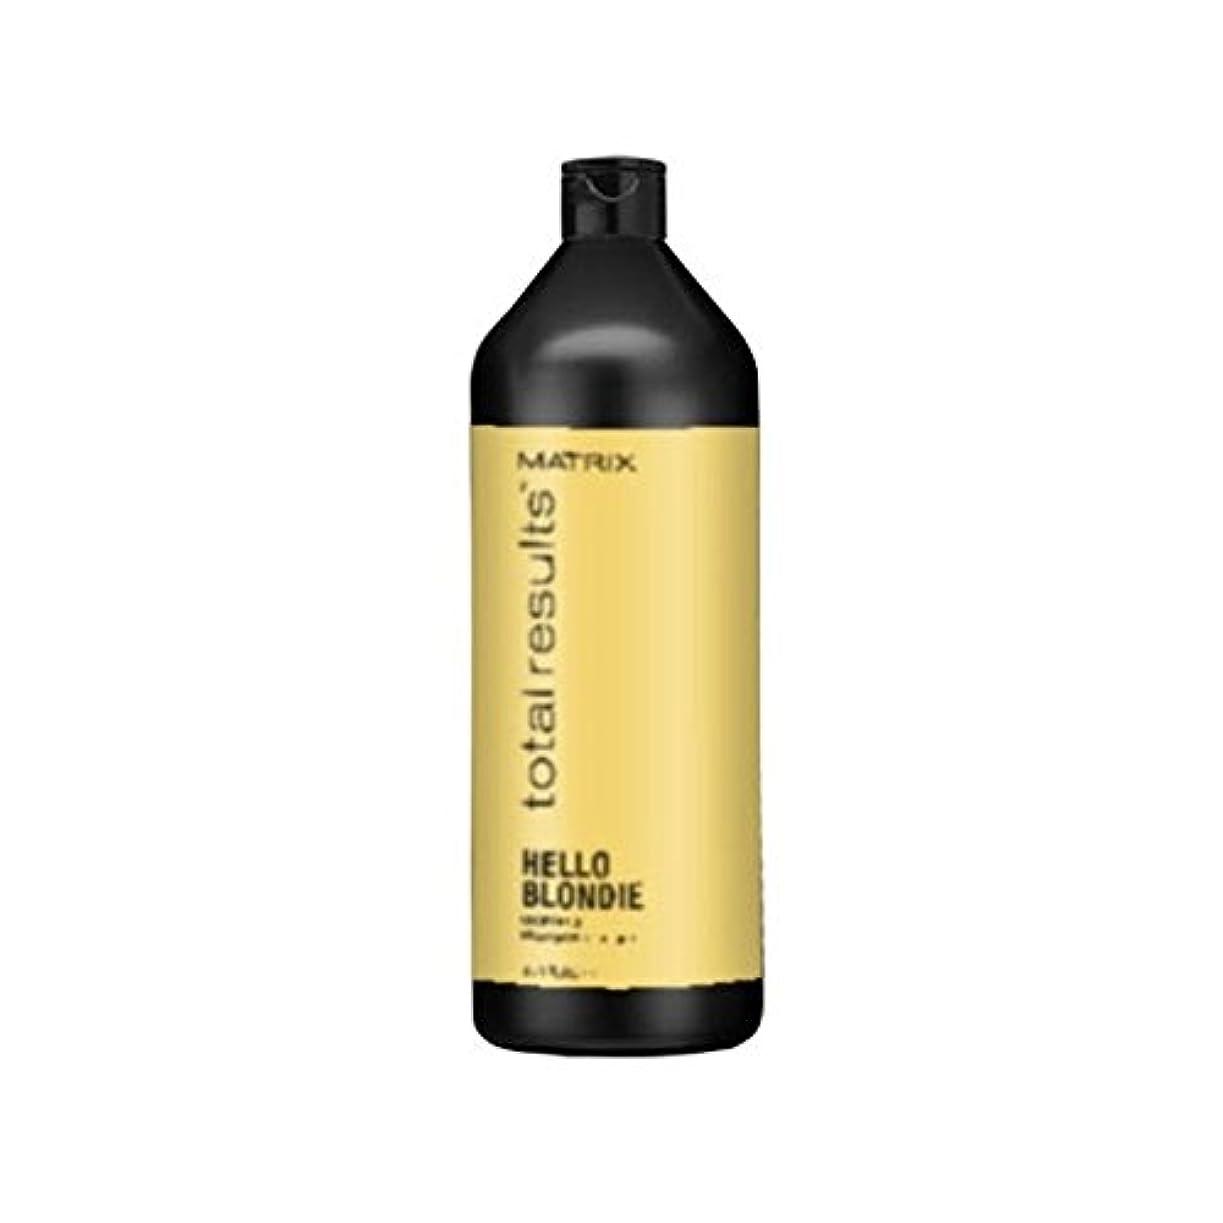 鯨専門知識リア王マトリックスの総結果ハローブロンディシャンプー(千ミリリットル) x4 - Matrix Total Results Hello Blondie Shampoo (1000ml) (Pack of 4) [並行輸入品]